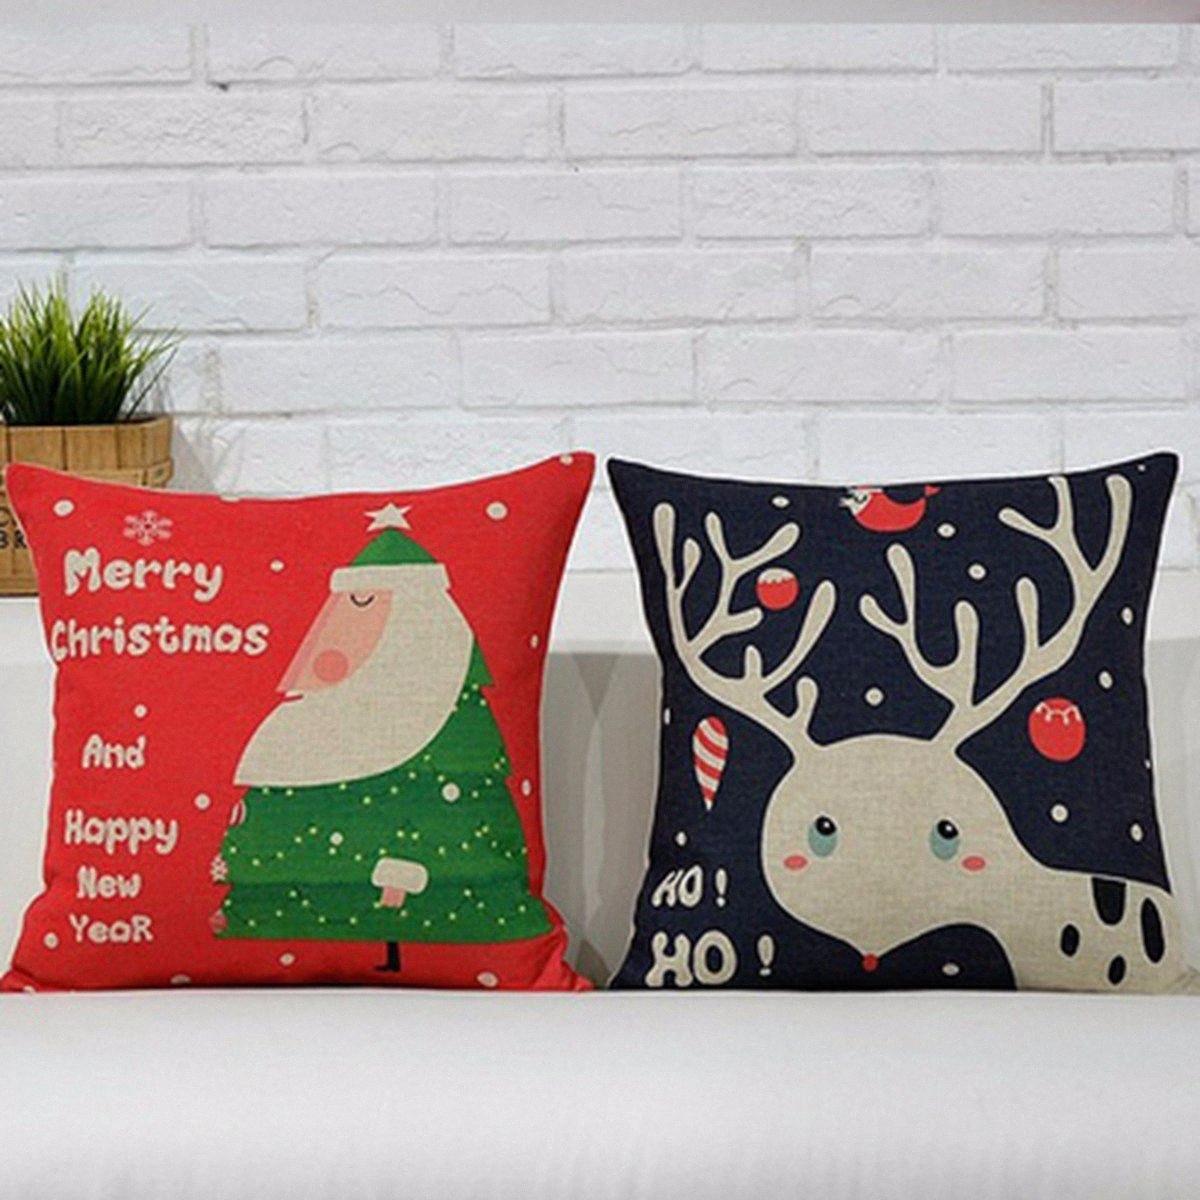 Großhandel Nordic Stil Christmas Series Kopfkissenbezug Leinenbaumwollder Weihnachten dekorative Kissen-Abdeckung für Heimzimmer Hotel Bürobedarf zu #